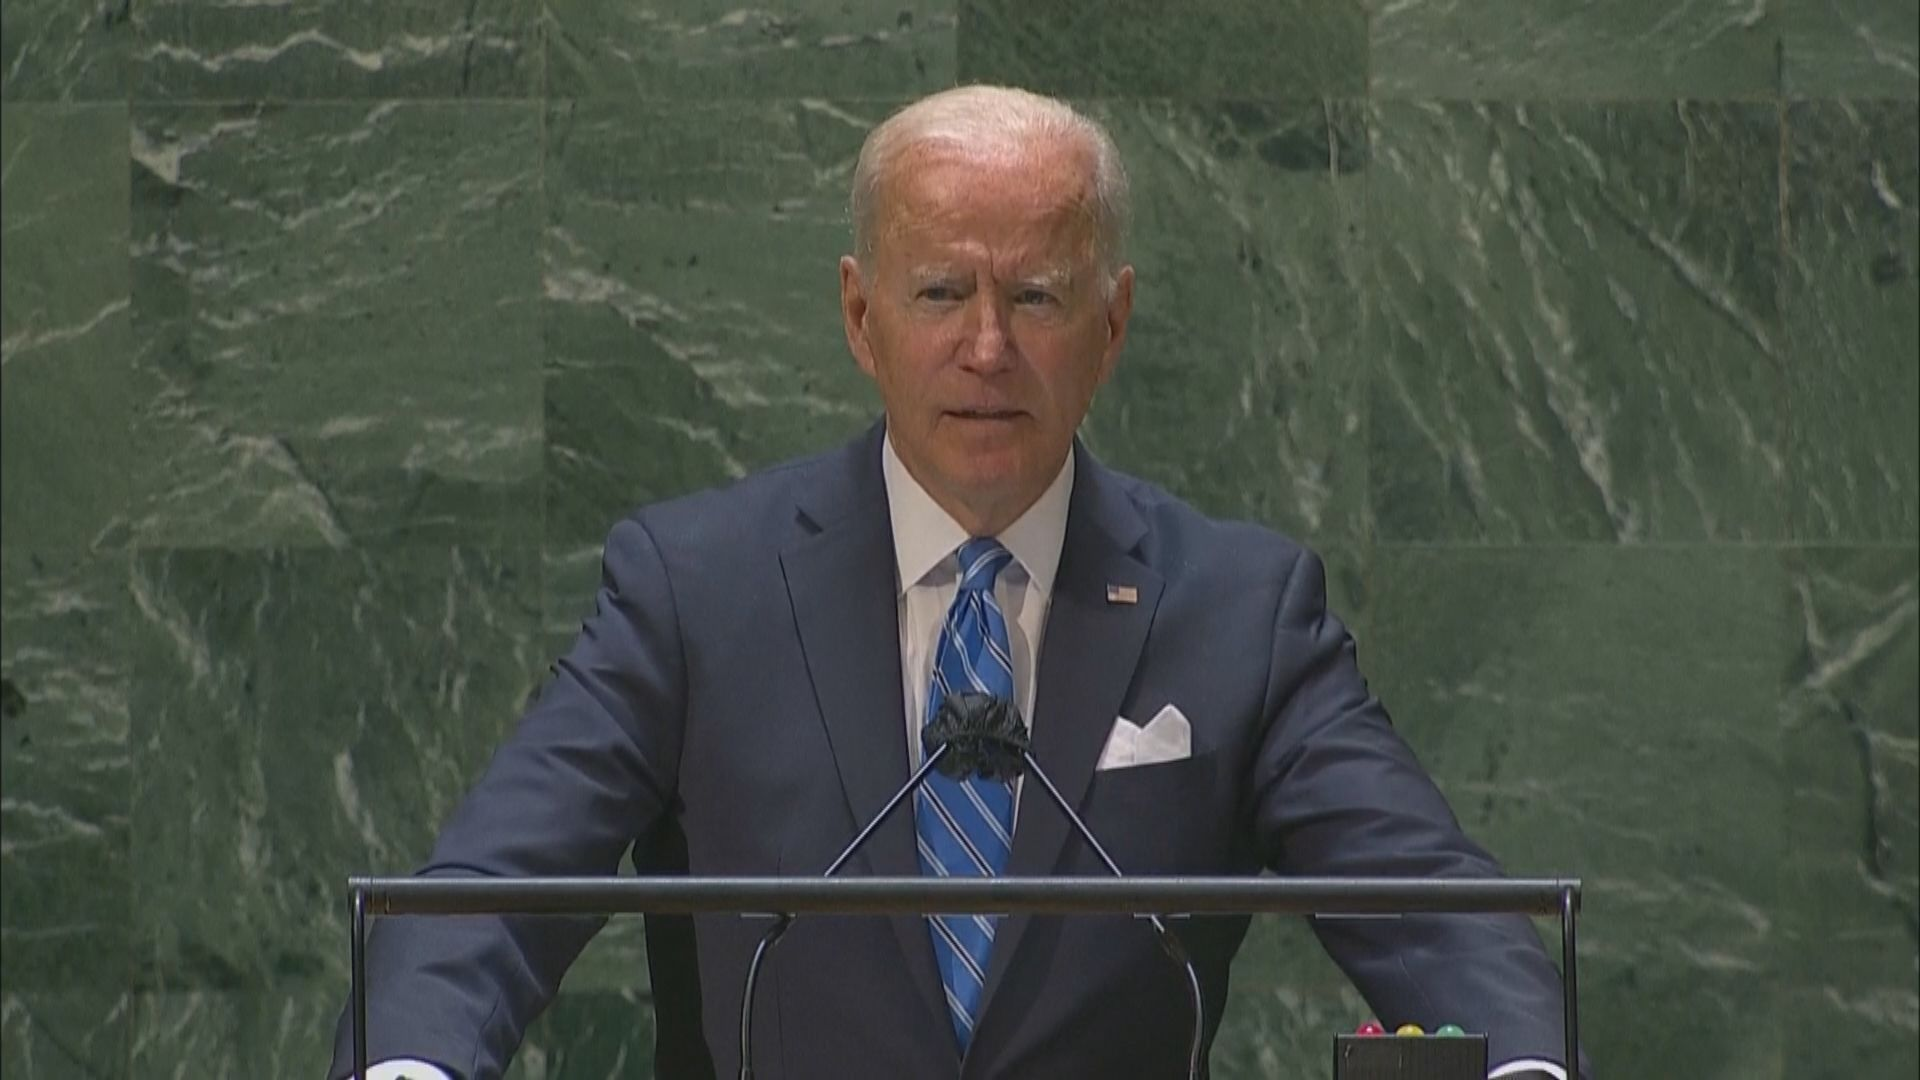 拜登就任美國總統後首度聯合國大會發言 重申各國要為未來發展合作